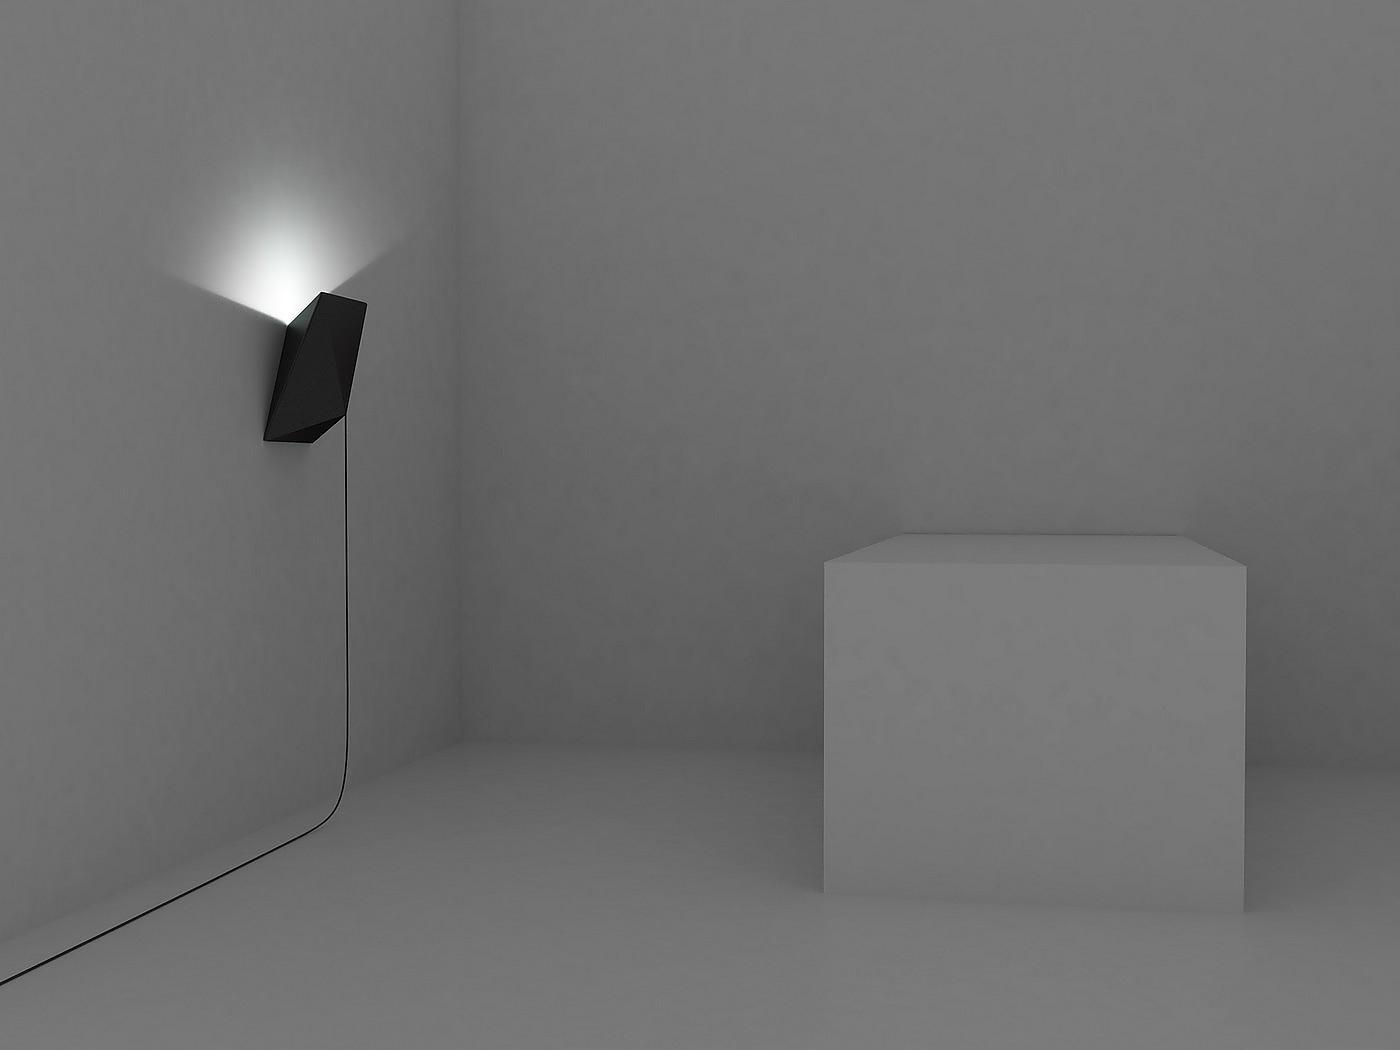 BAT Lamp by Julien de Smedt.